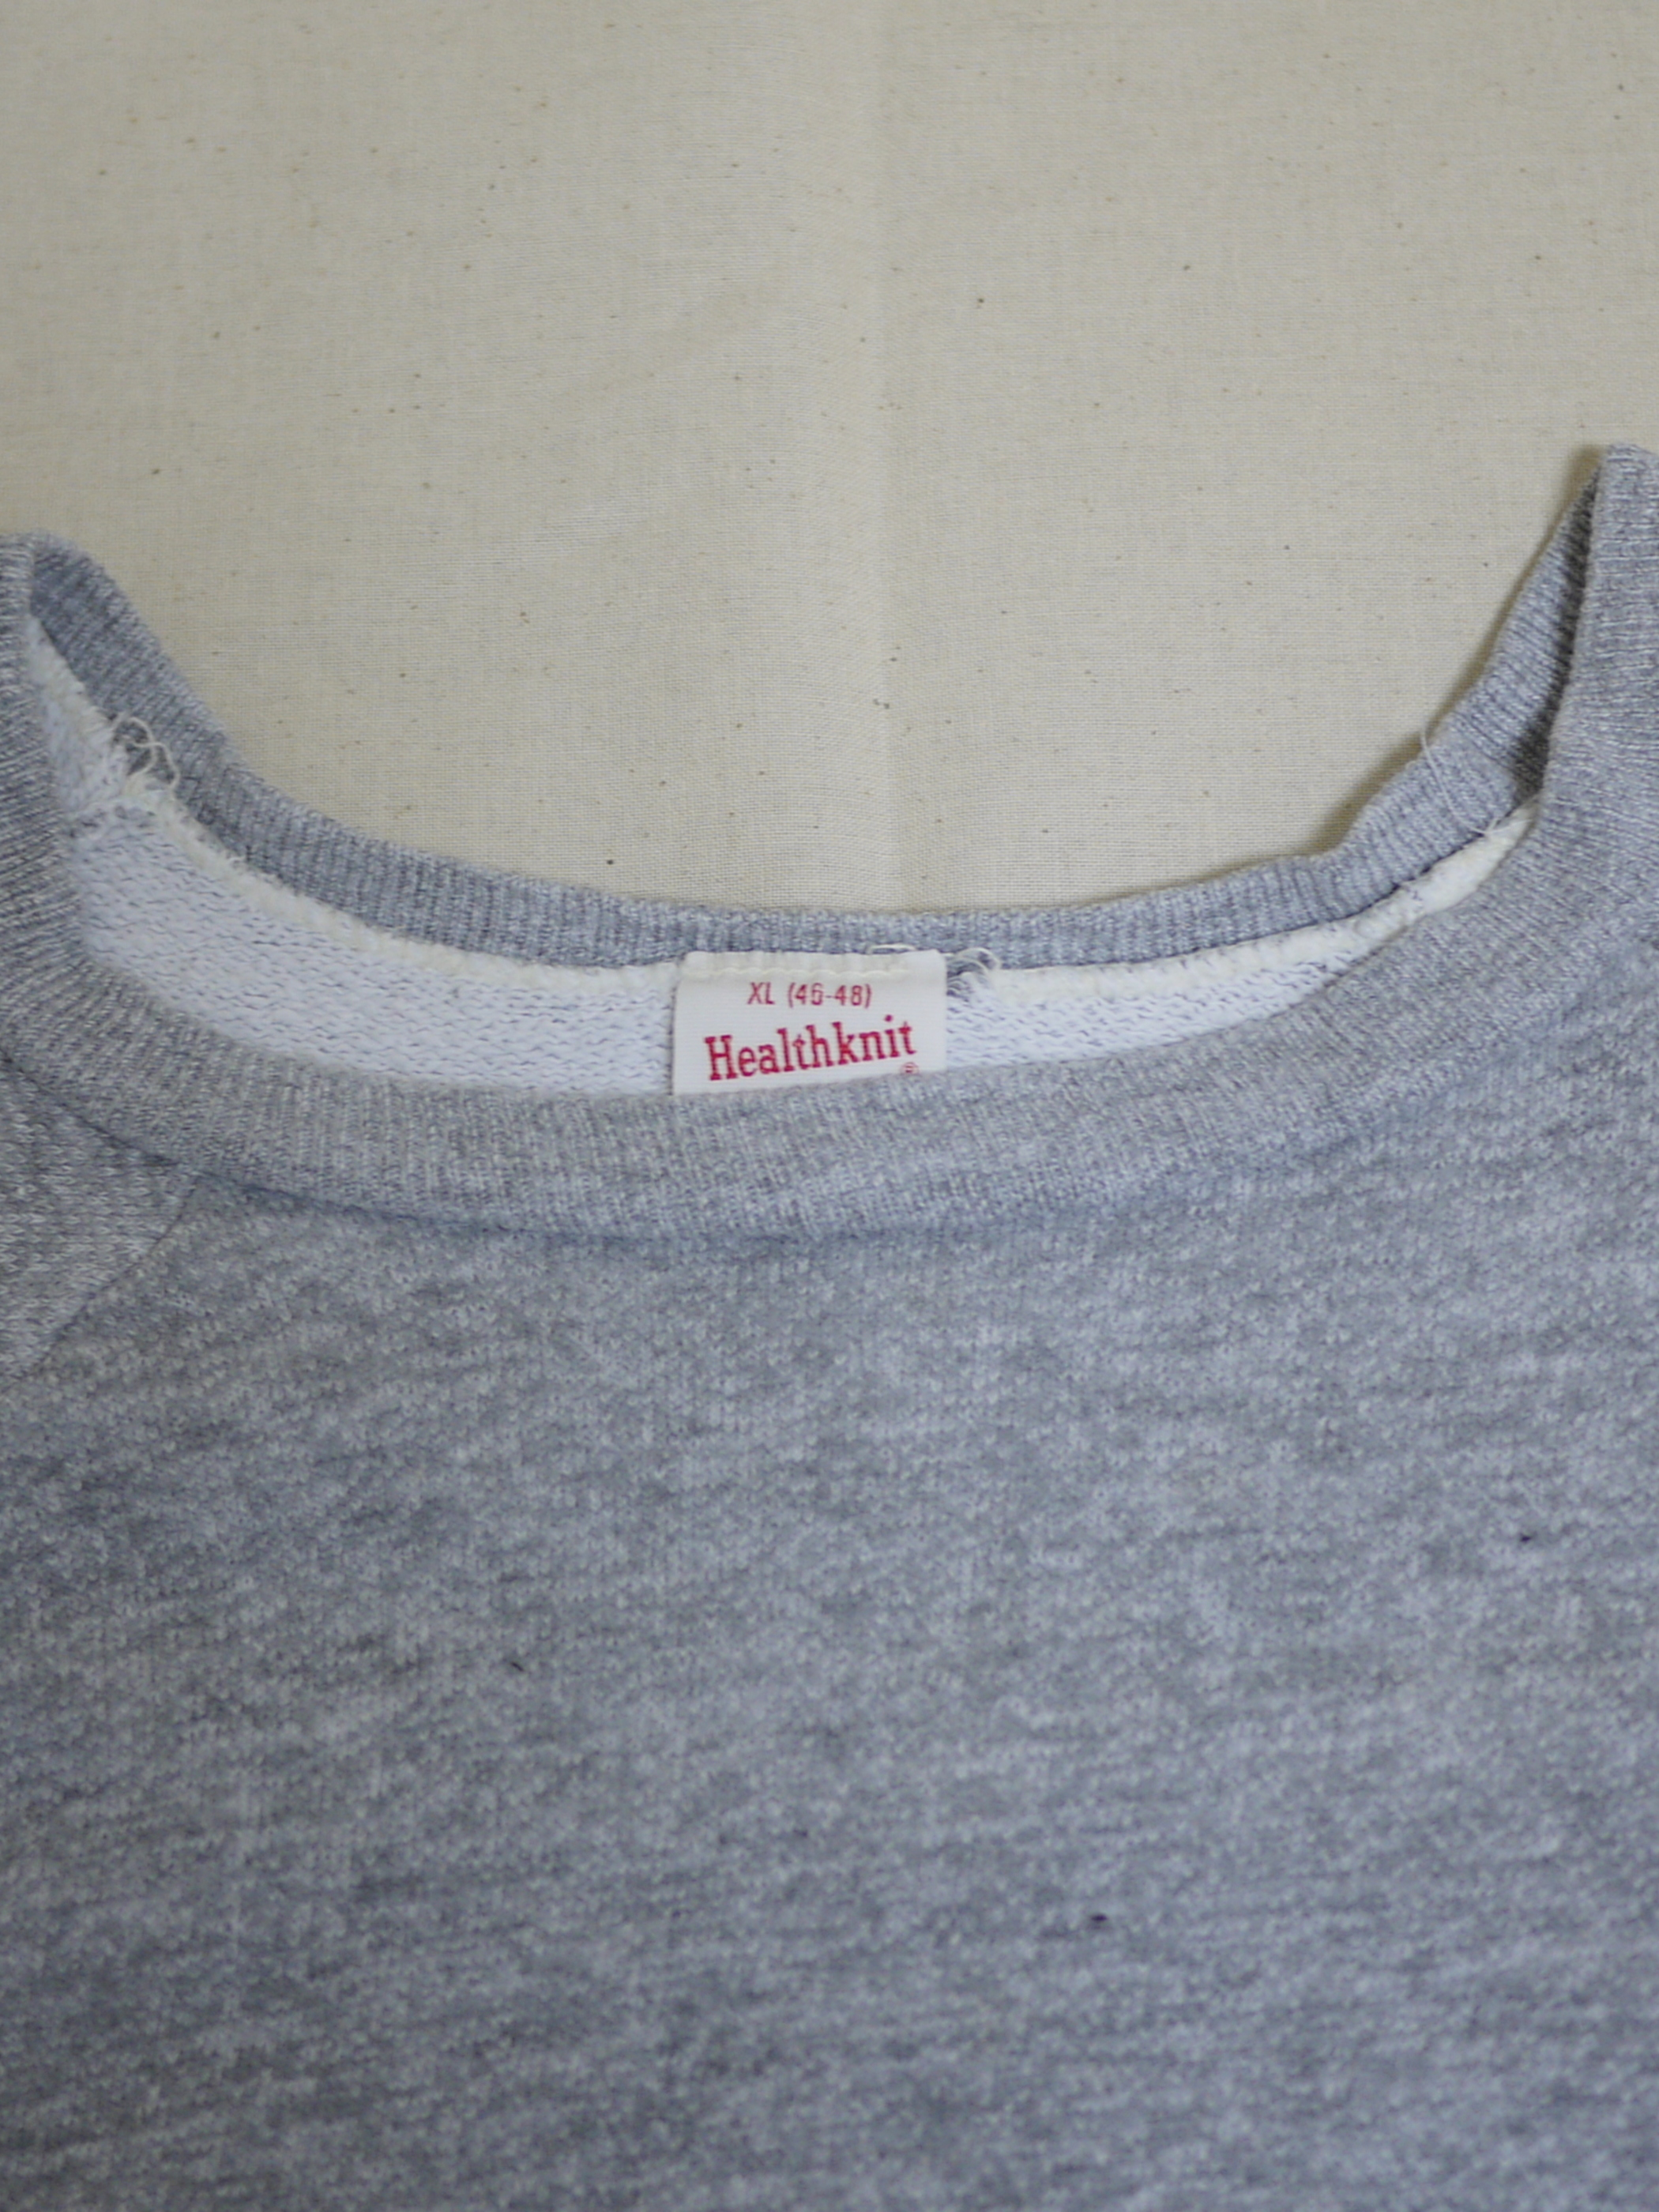 Healthknit 1960's S/S Sweat SizeXL